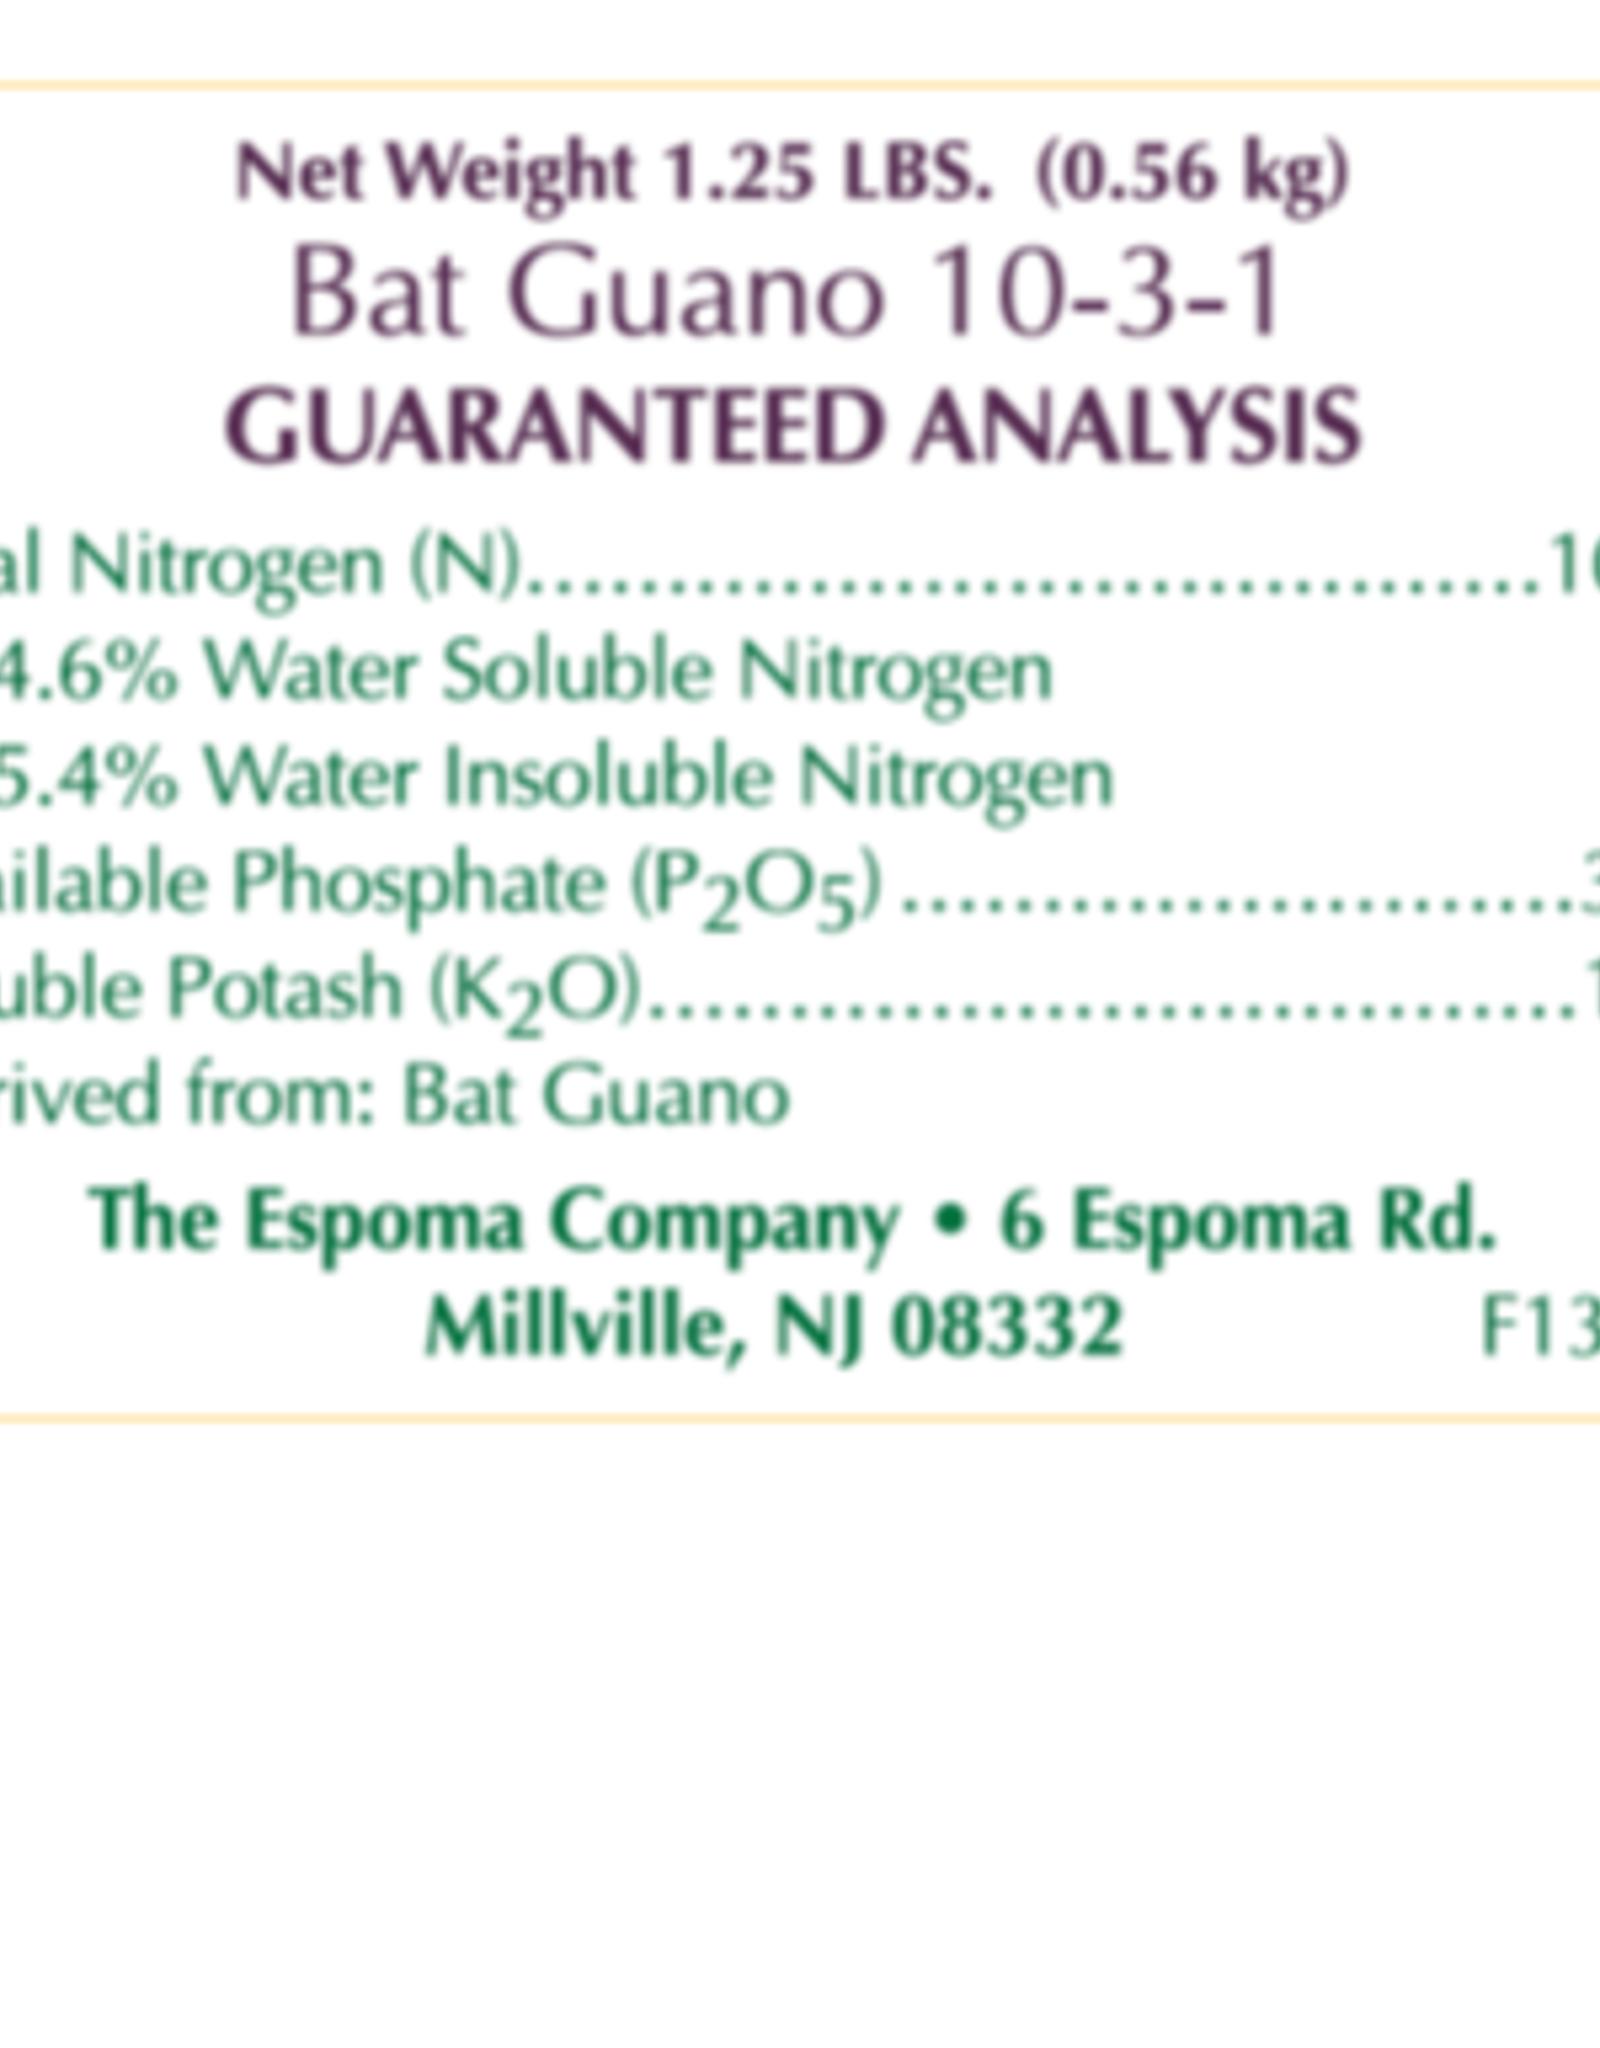 ESPOMA COMPANY ESPOMA BAT GUANO 1.25lbs